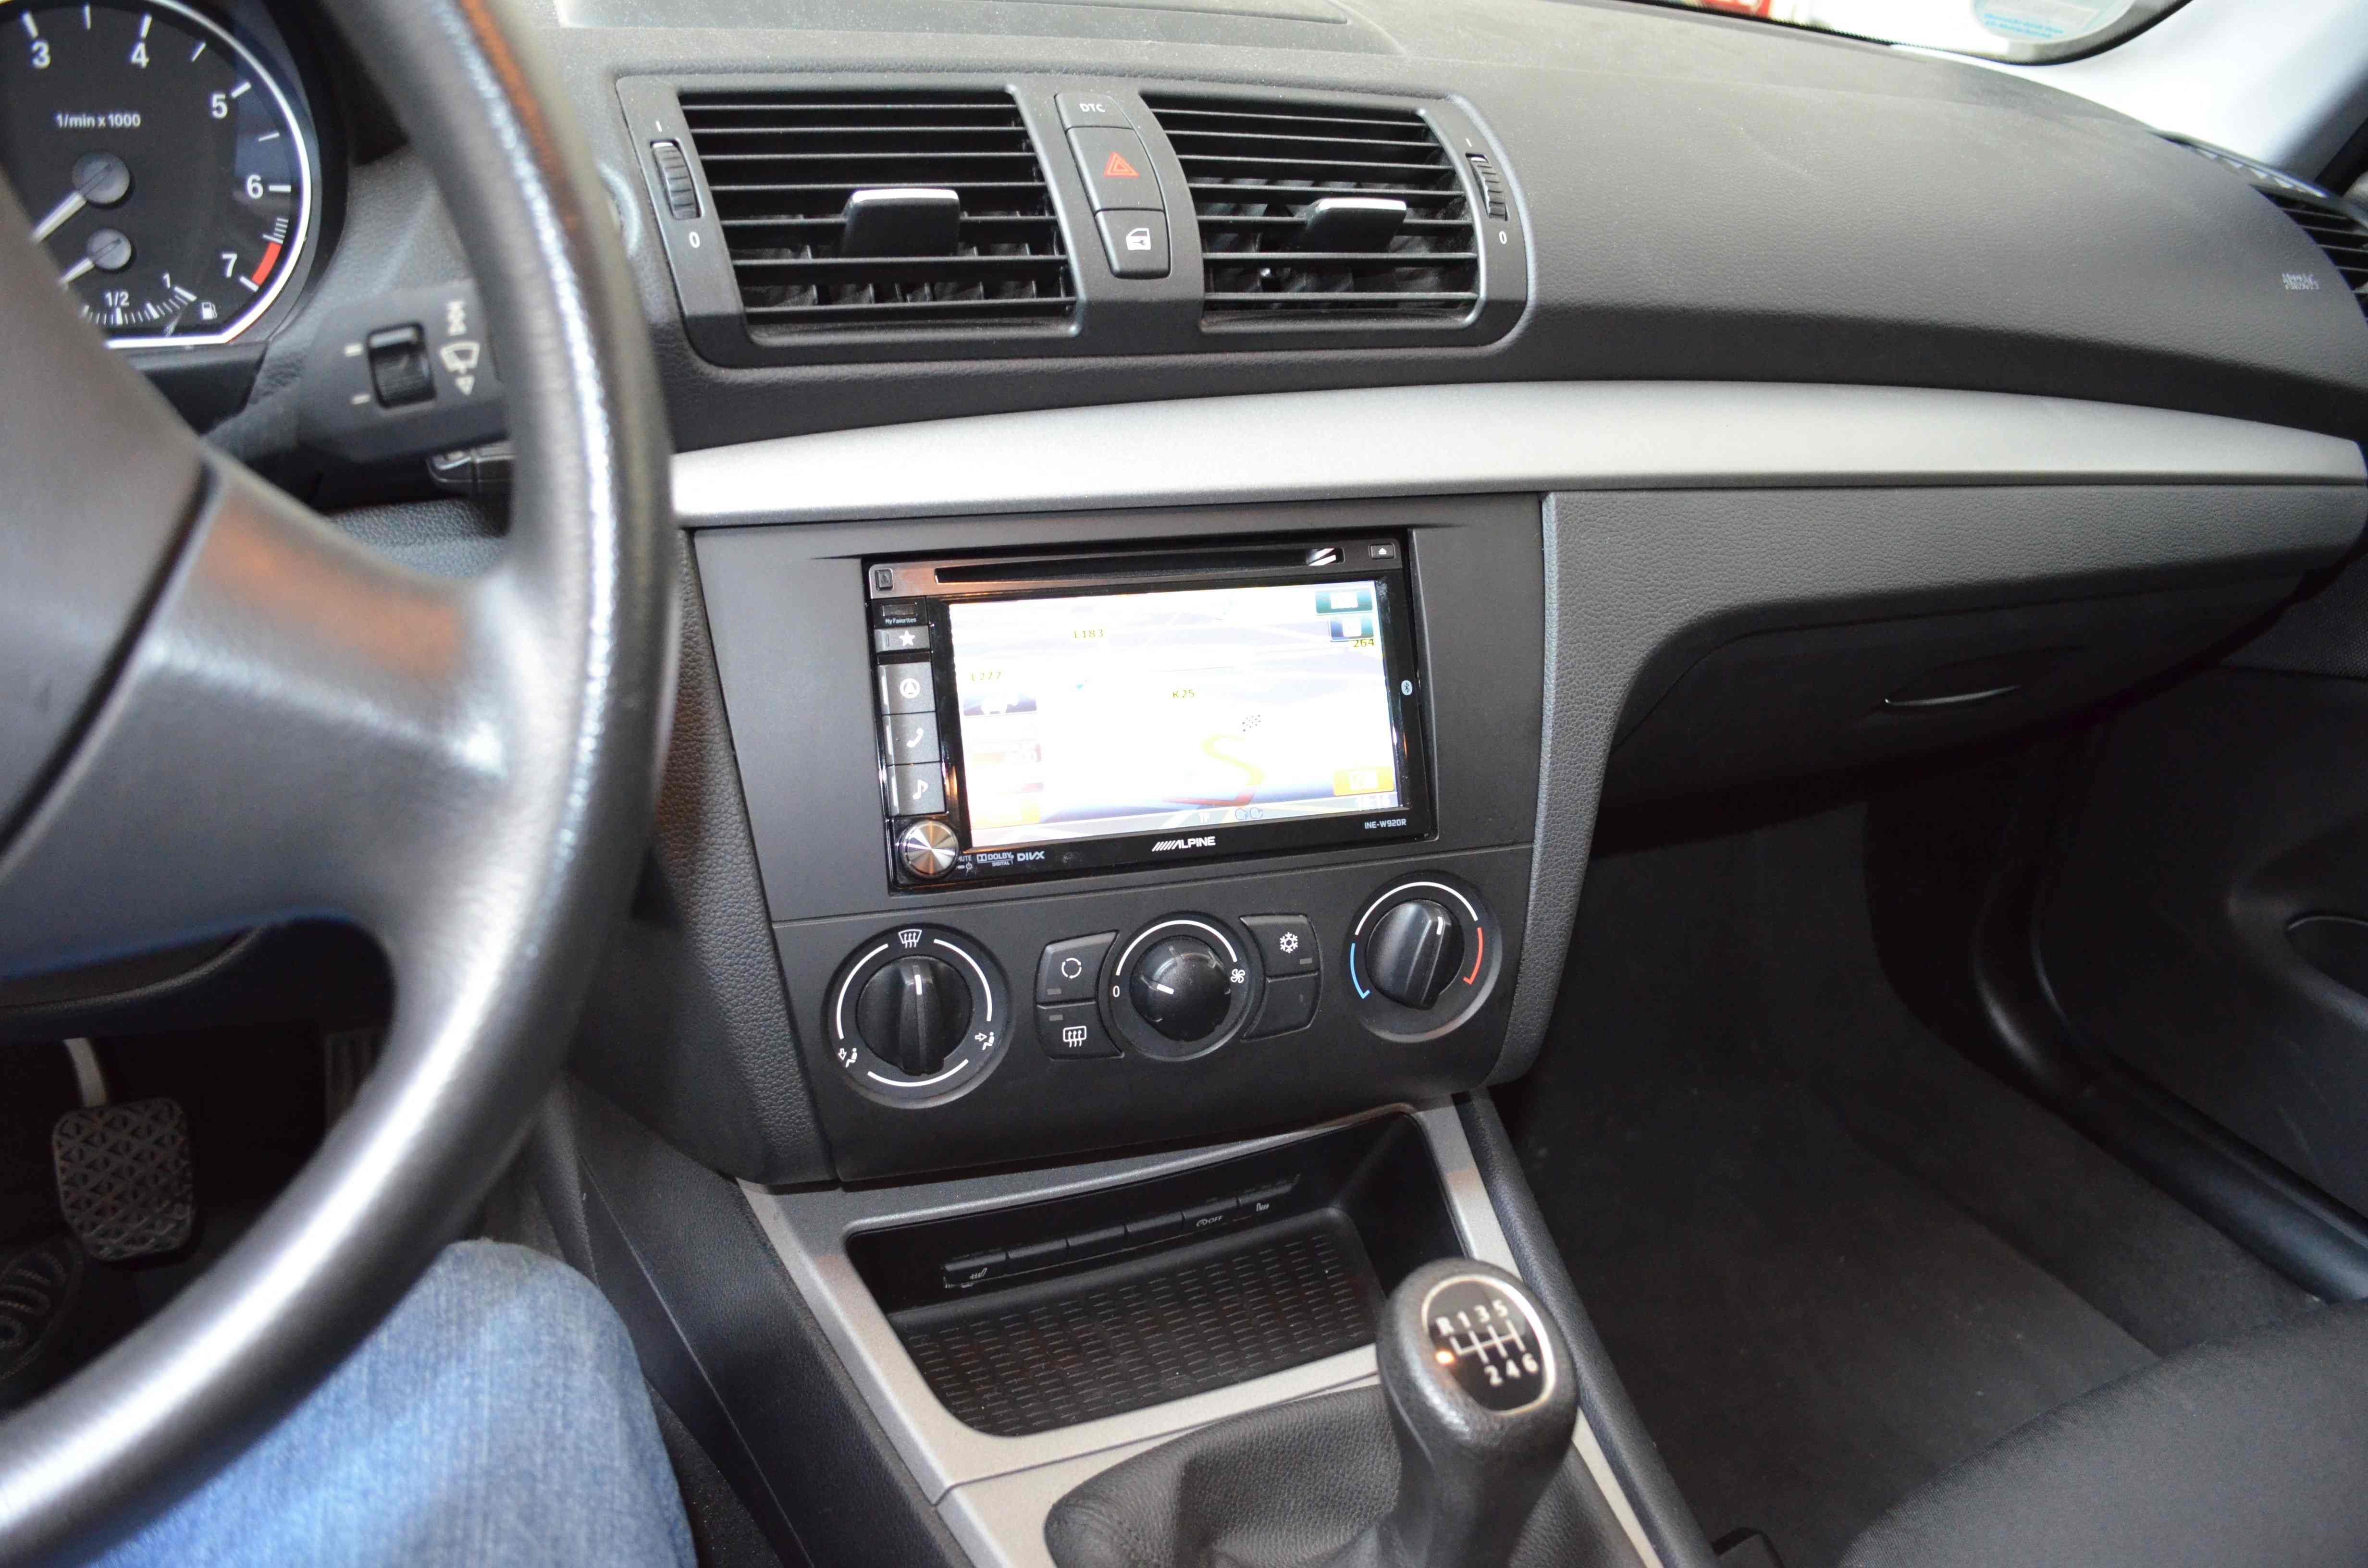 BMW 1er 2-DIN Umrüstung